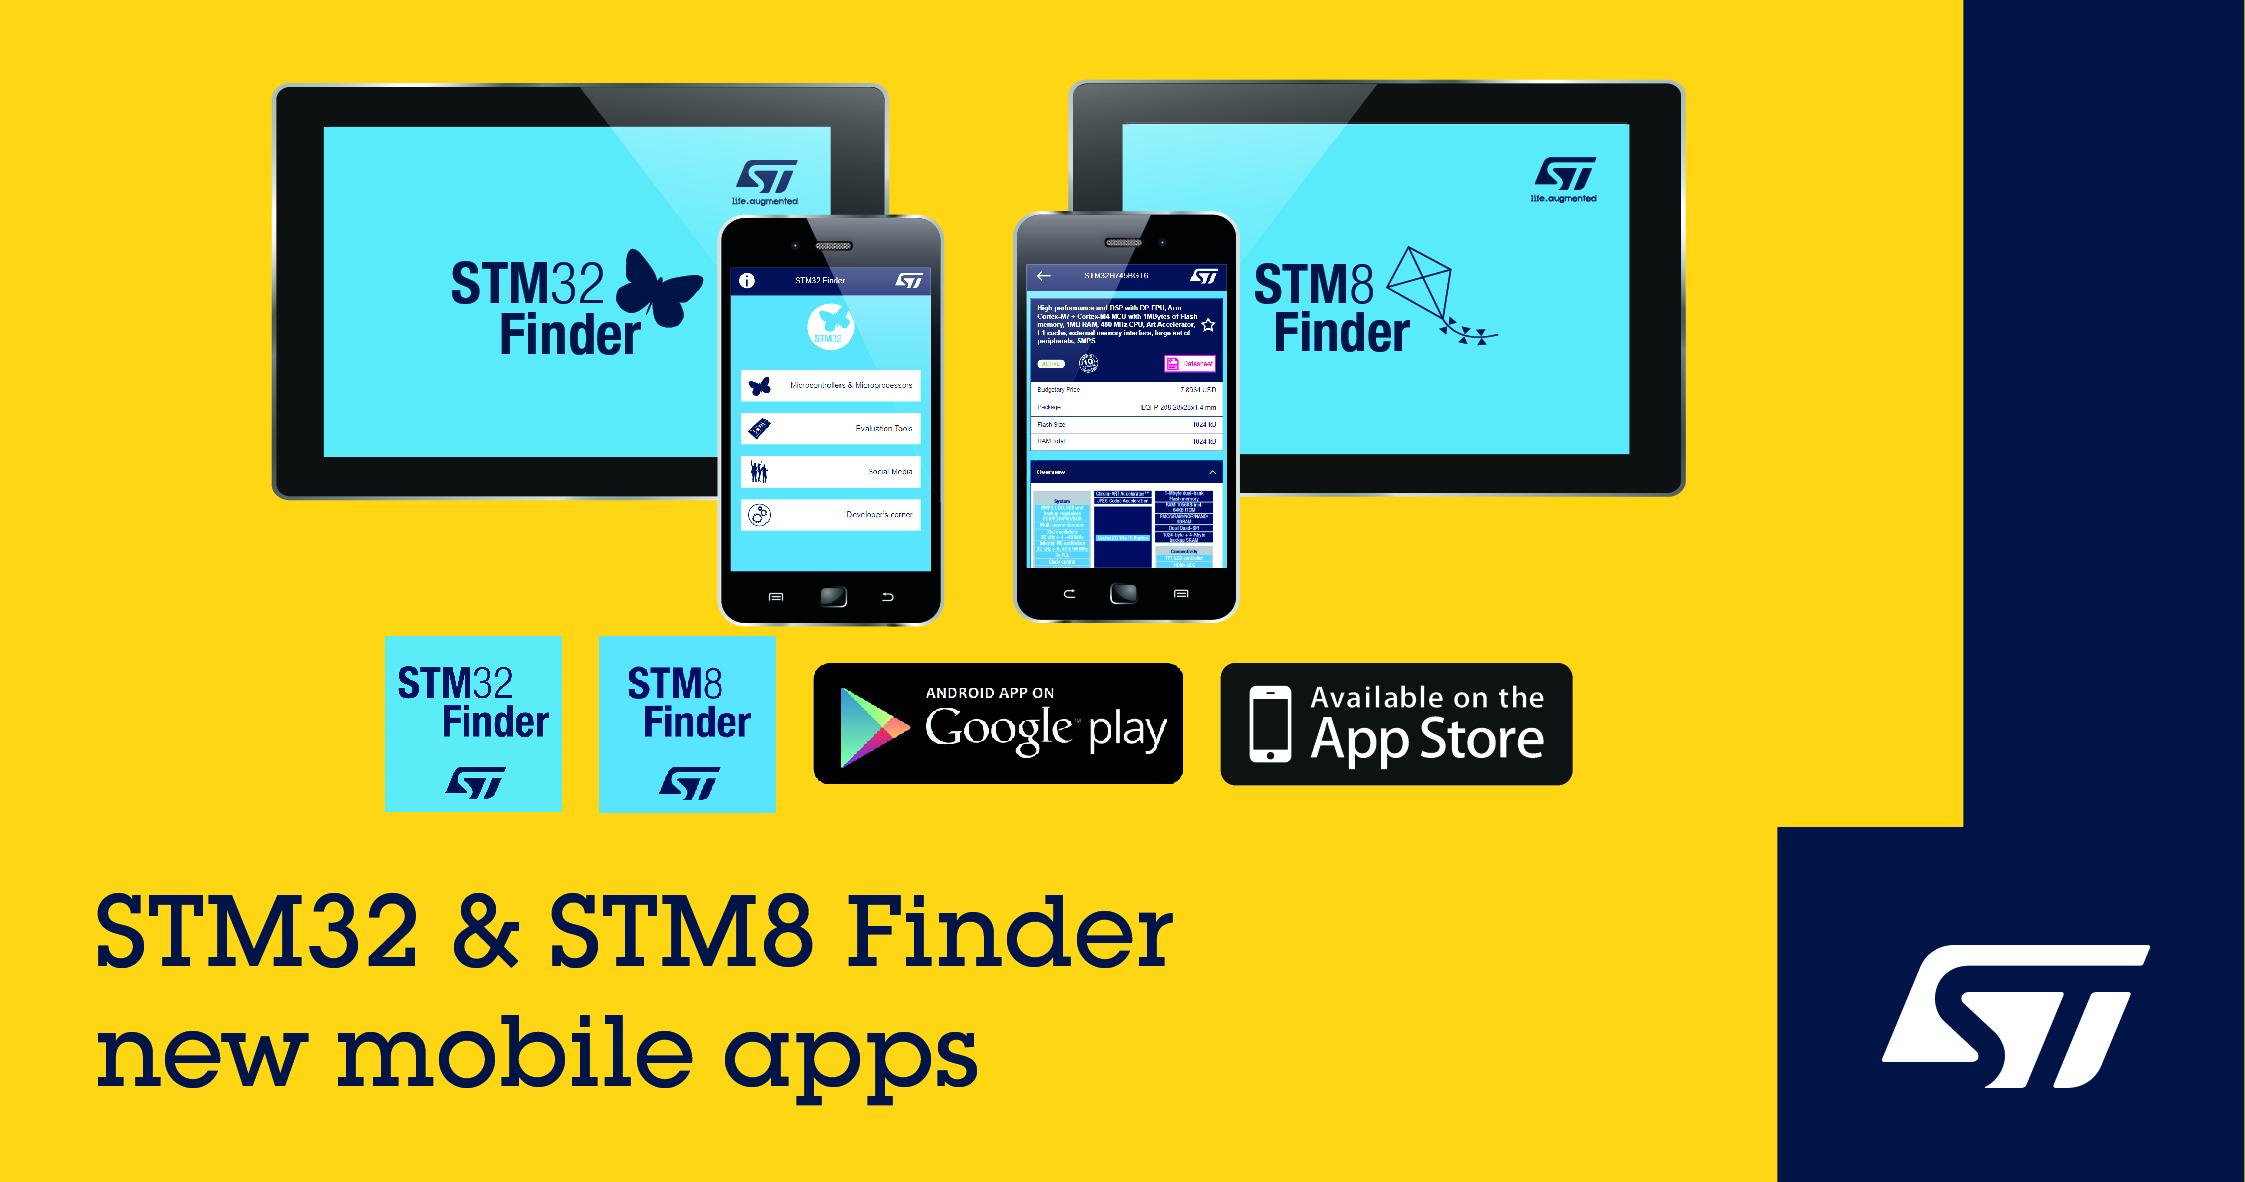 意法半导体新STM8和STM32手机应用软件优化微控制器选型